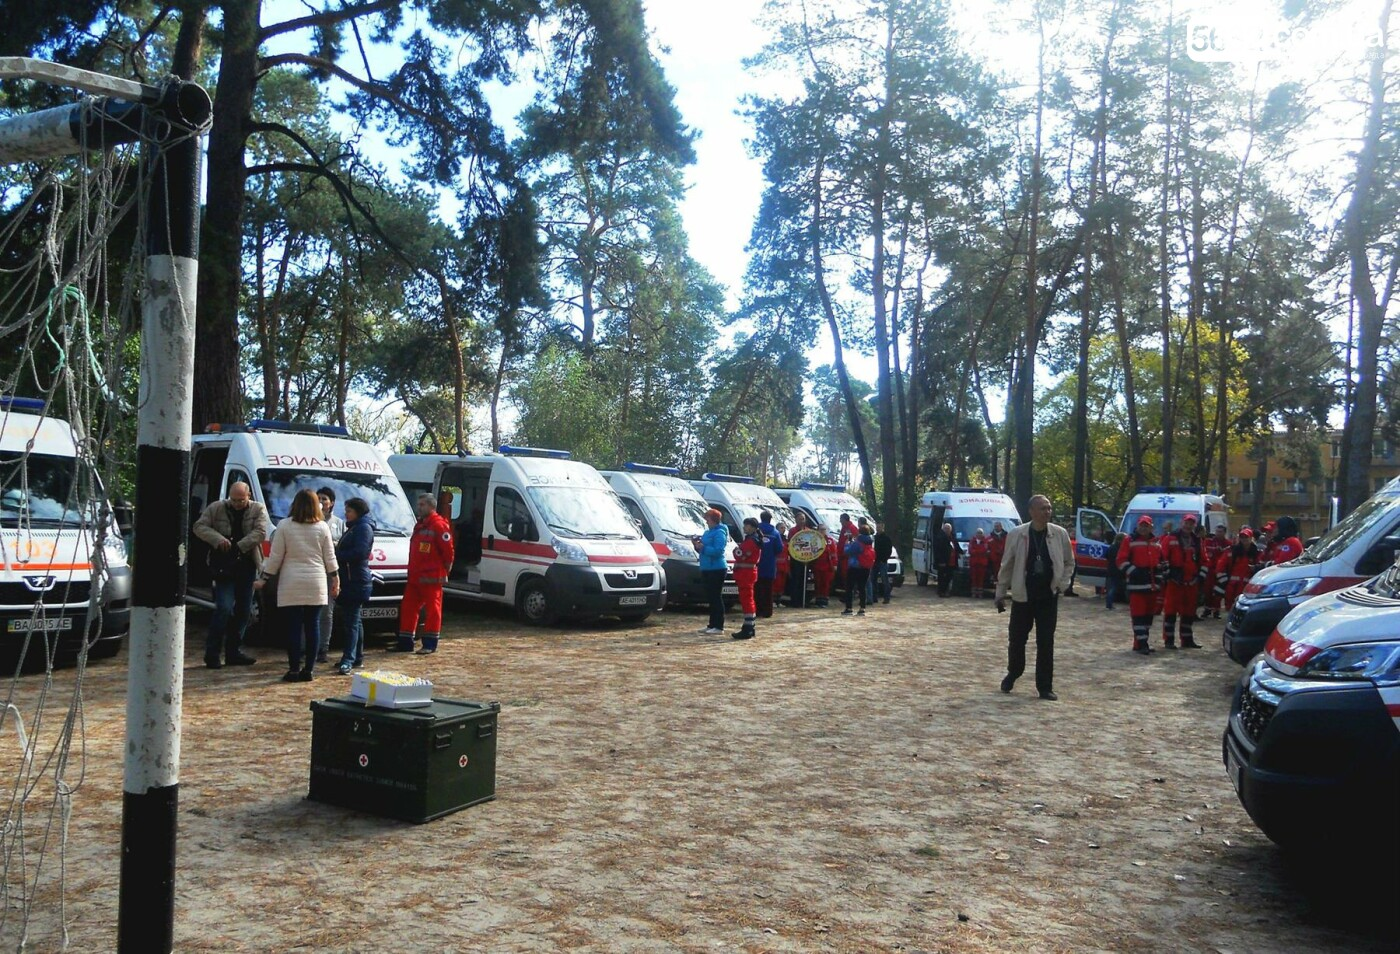 Розпочалися міжнародні змагання з екстреної медичної допомоги: павлоградці налаштовані на перемогу, фото-1